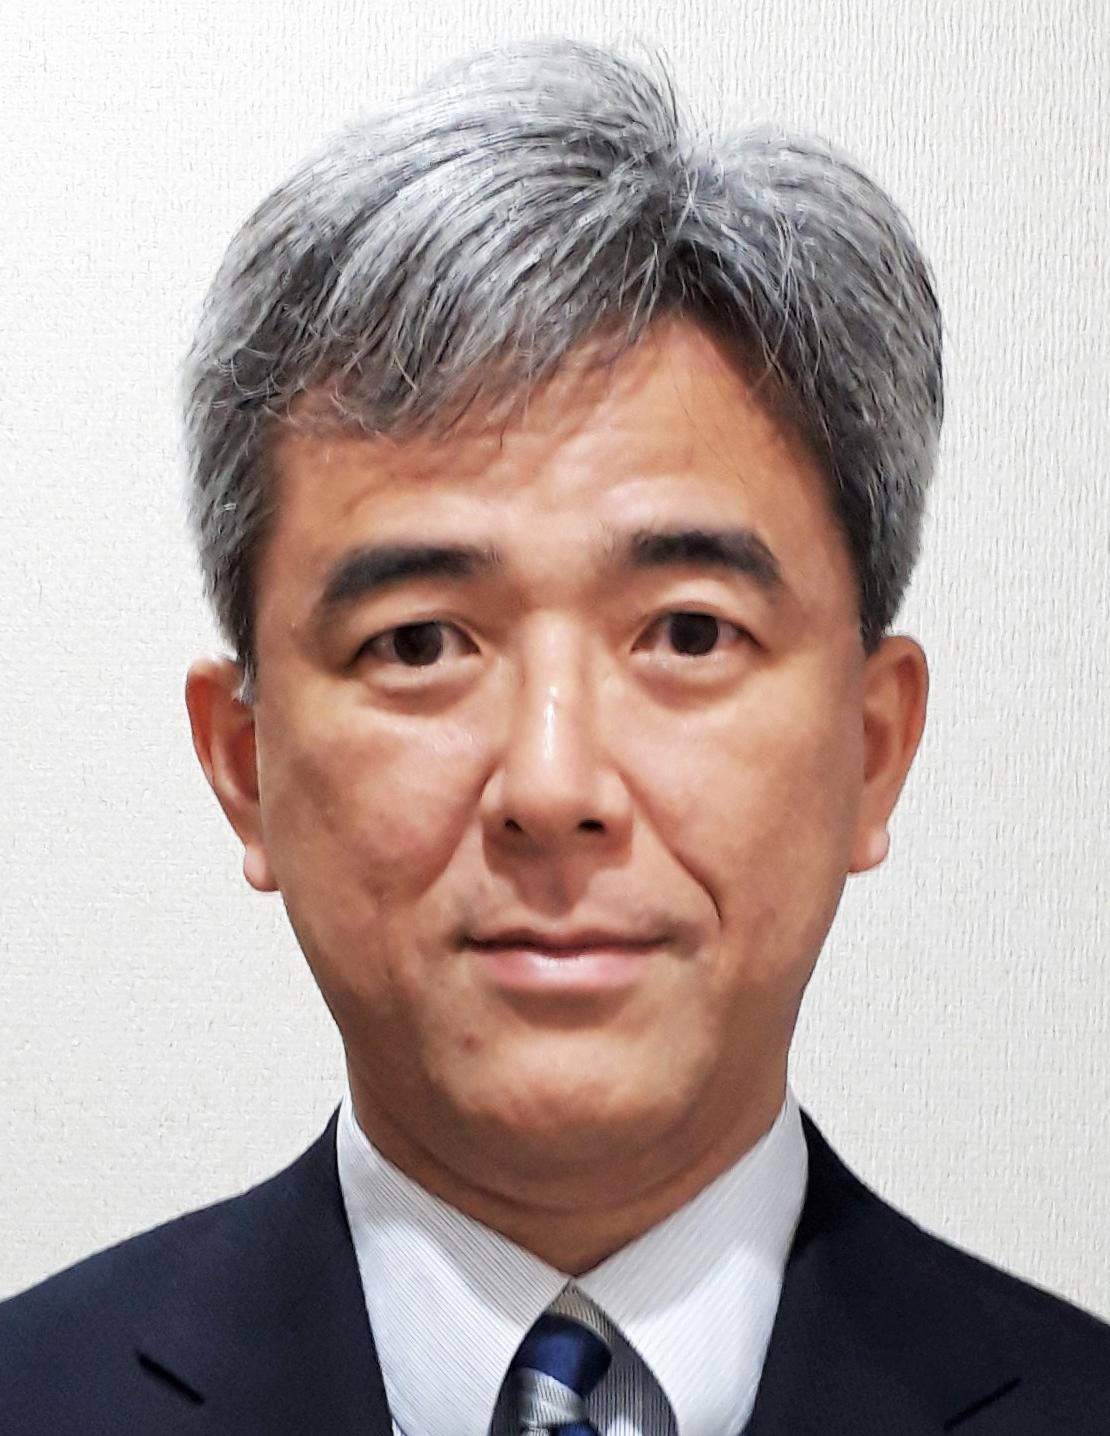 奥山俊宏さん